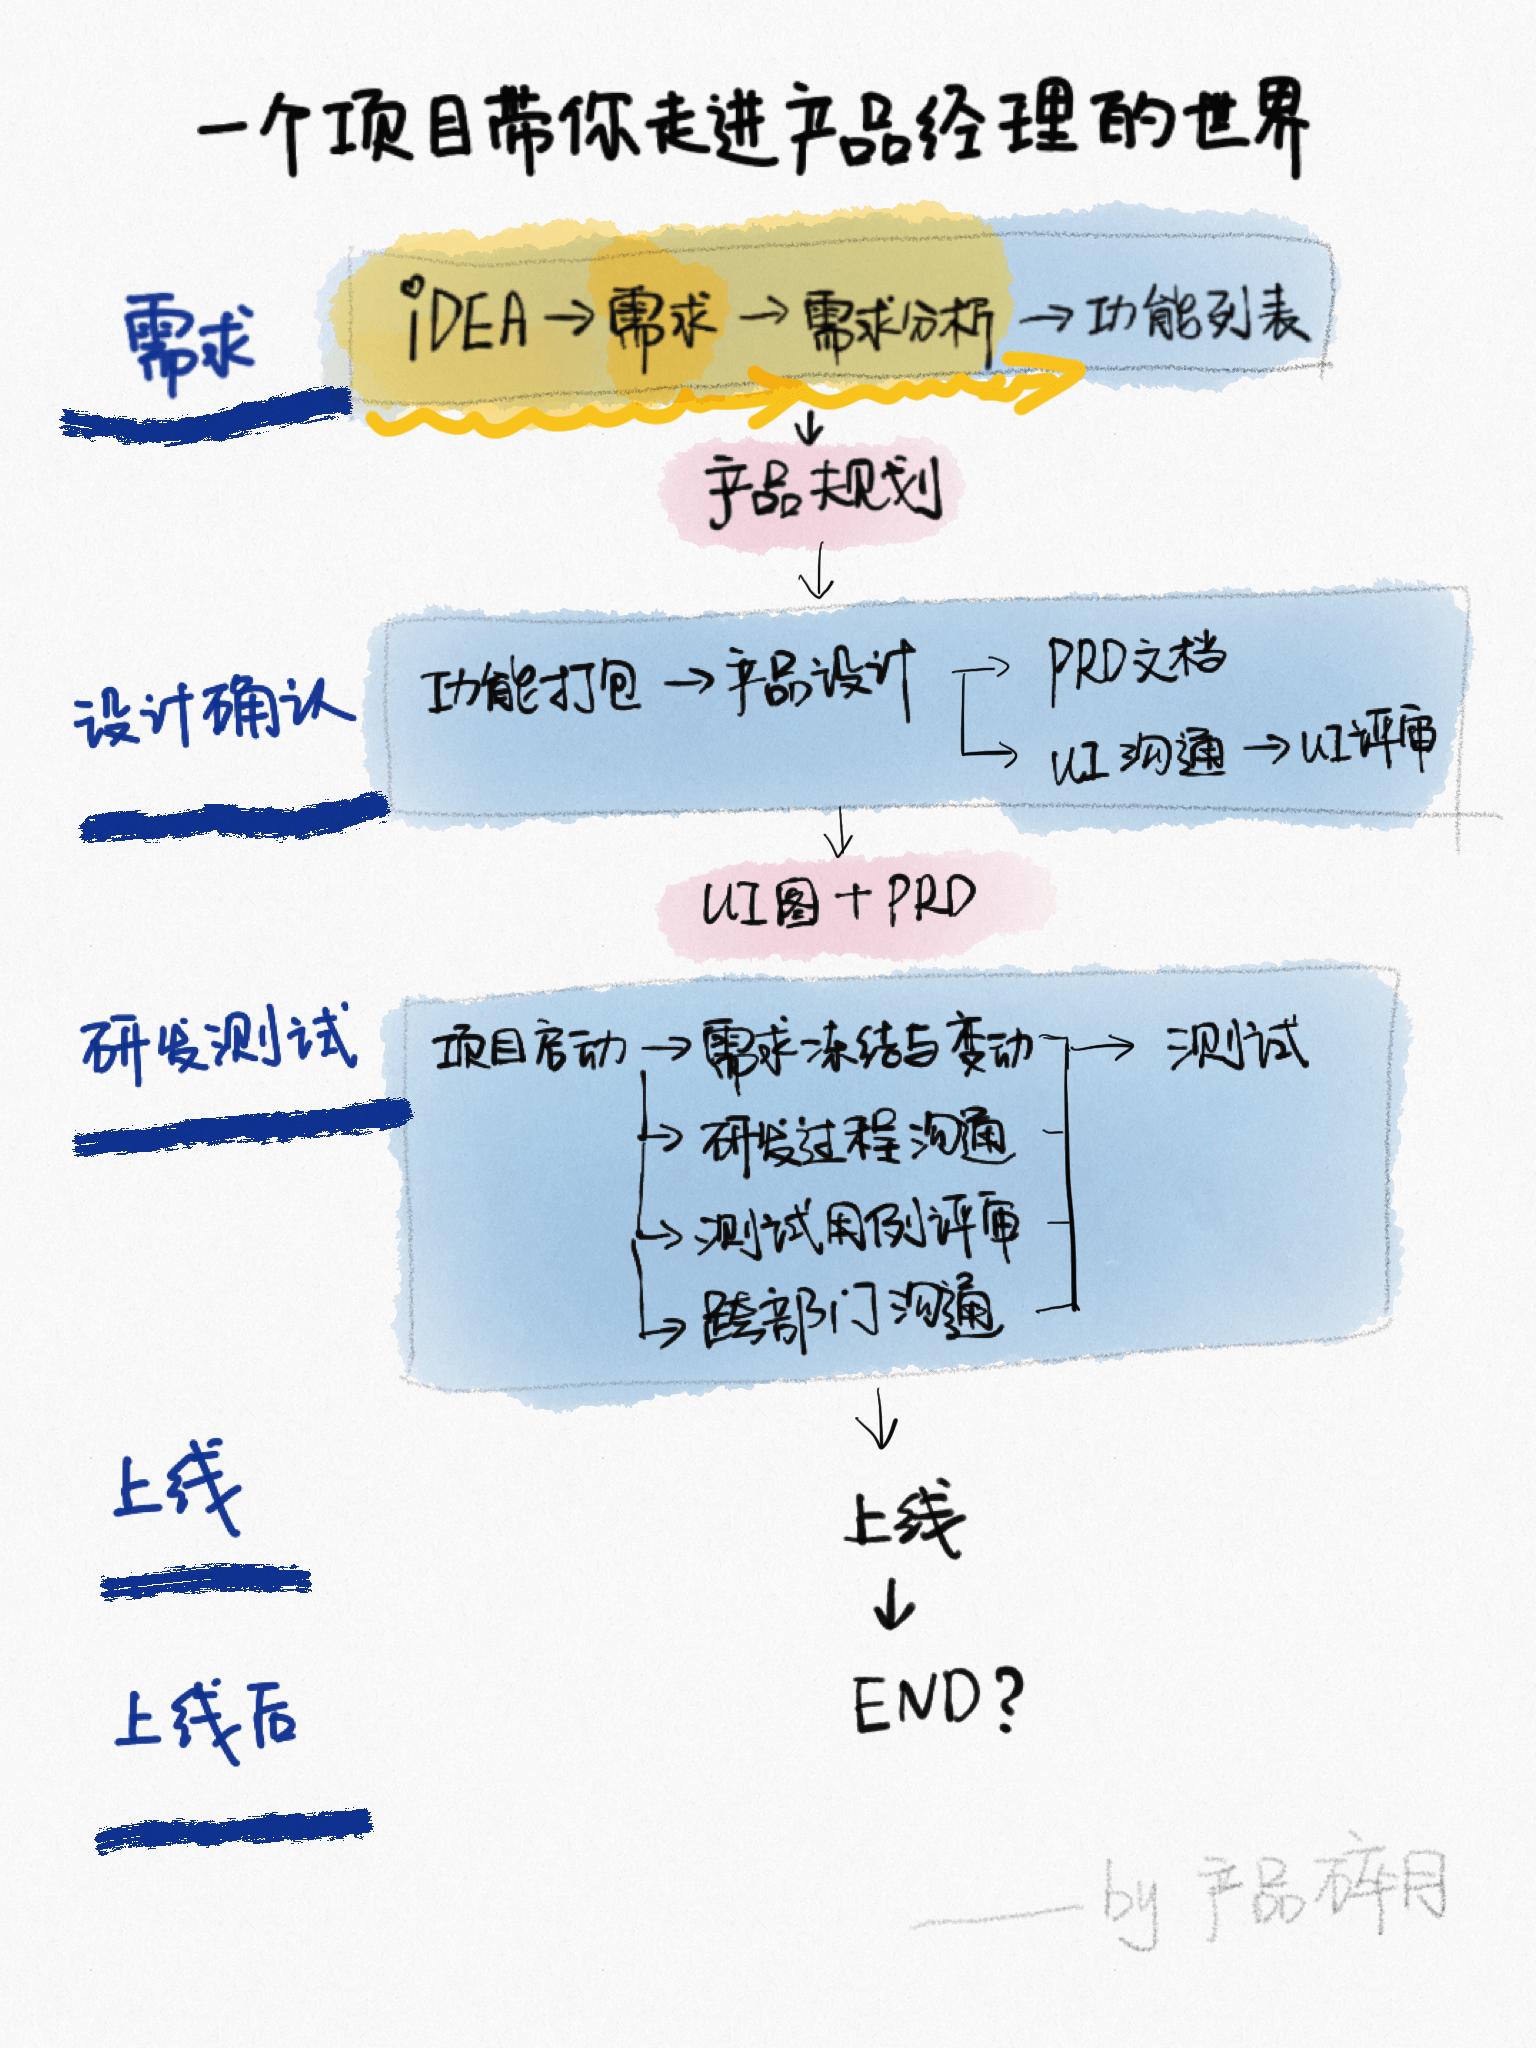 一个项目带你走进产品经理的世界(2)需求分析